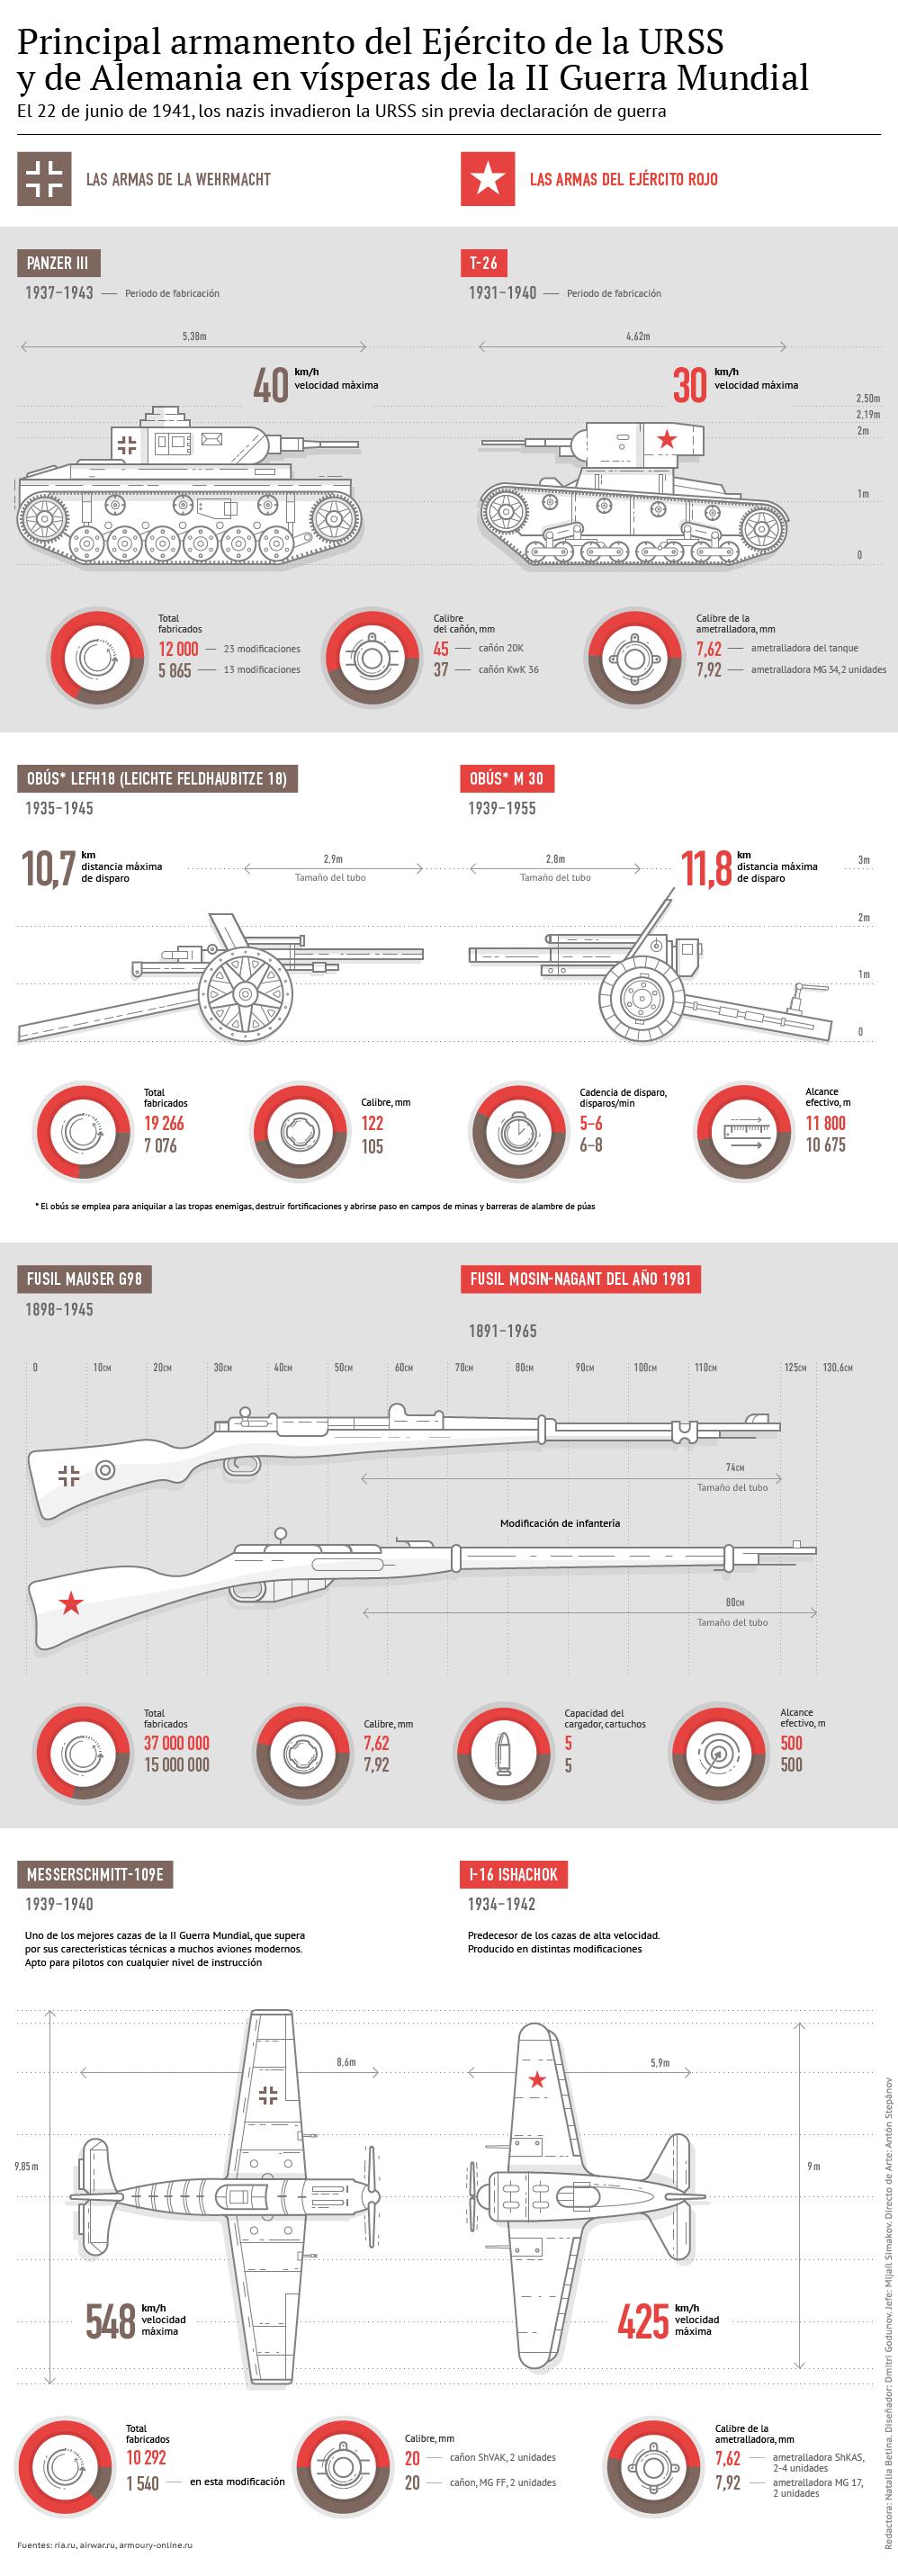 El principal armamento de la URSS y Alemania en la II Guerra Mundial